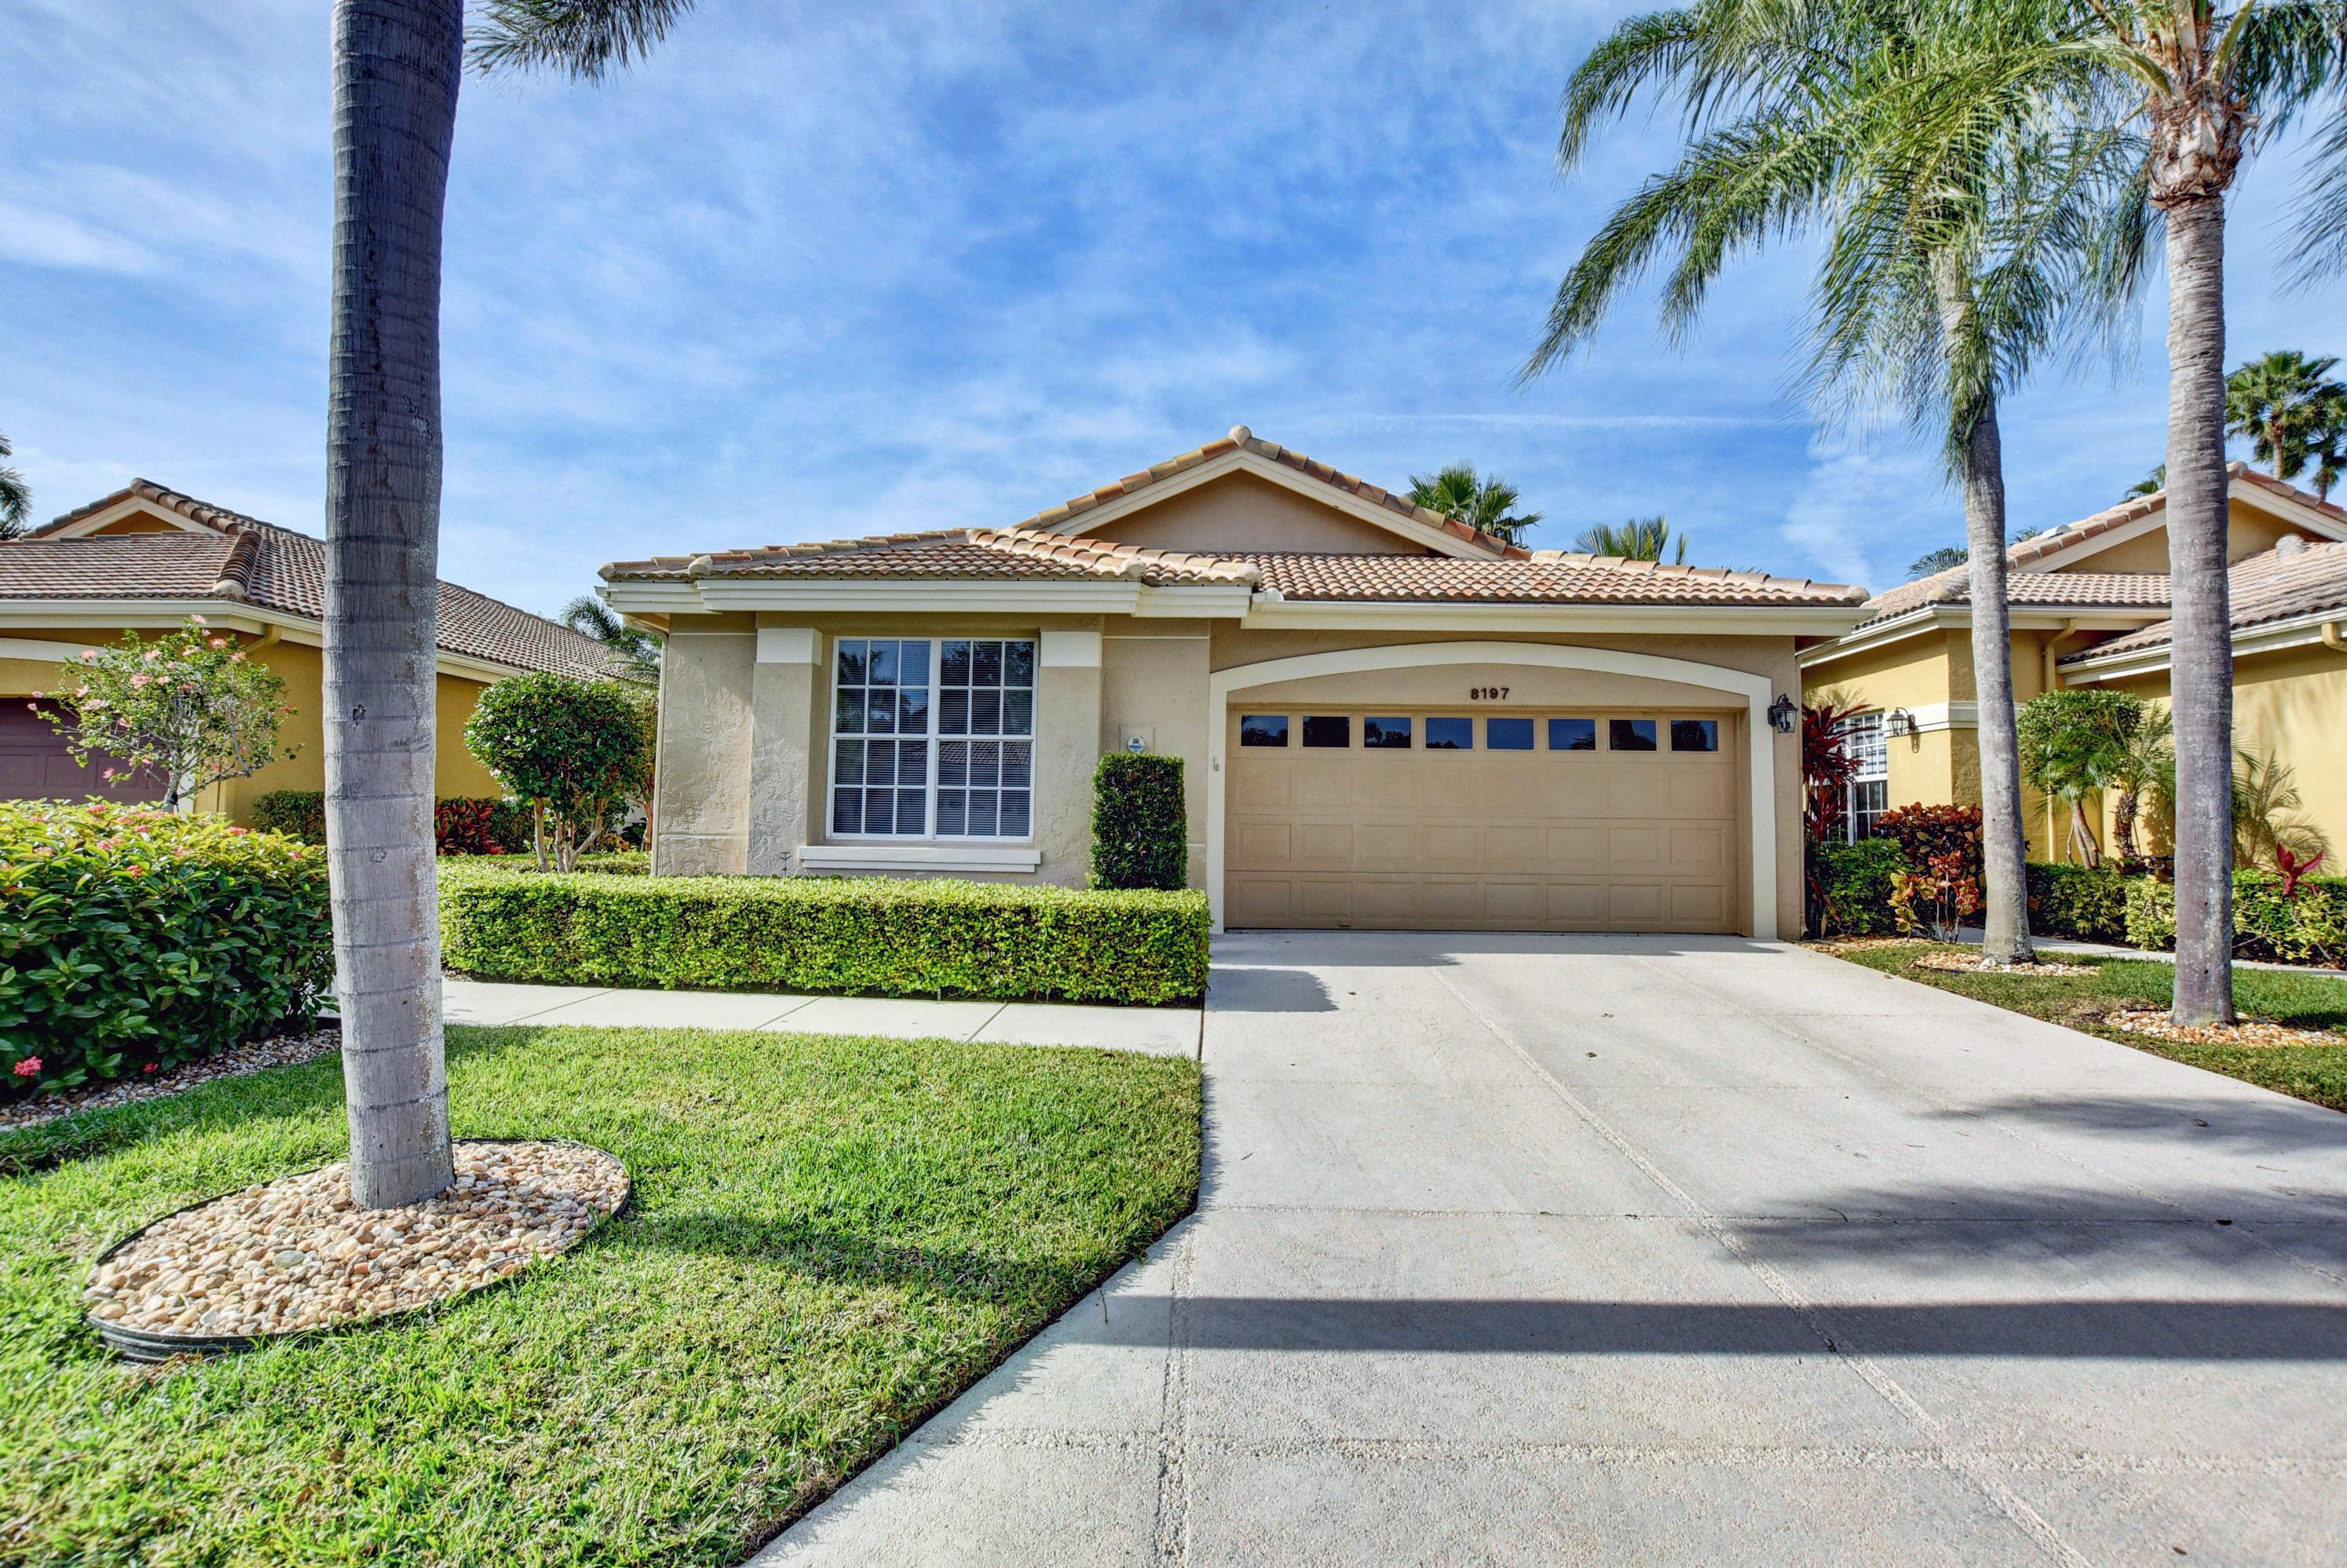 8197 Quail Meadow Way, West Palm Beach, FL 33412